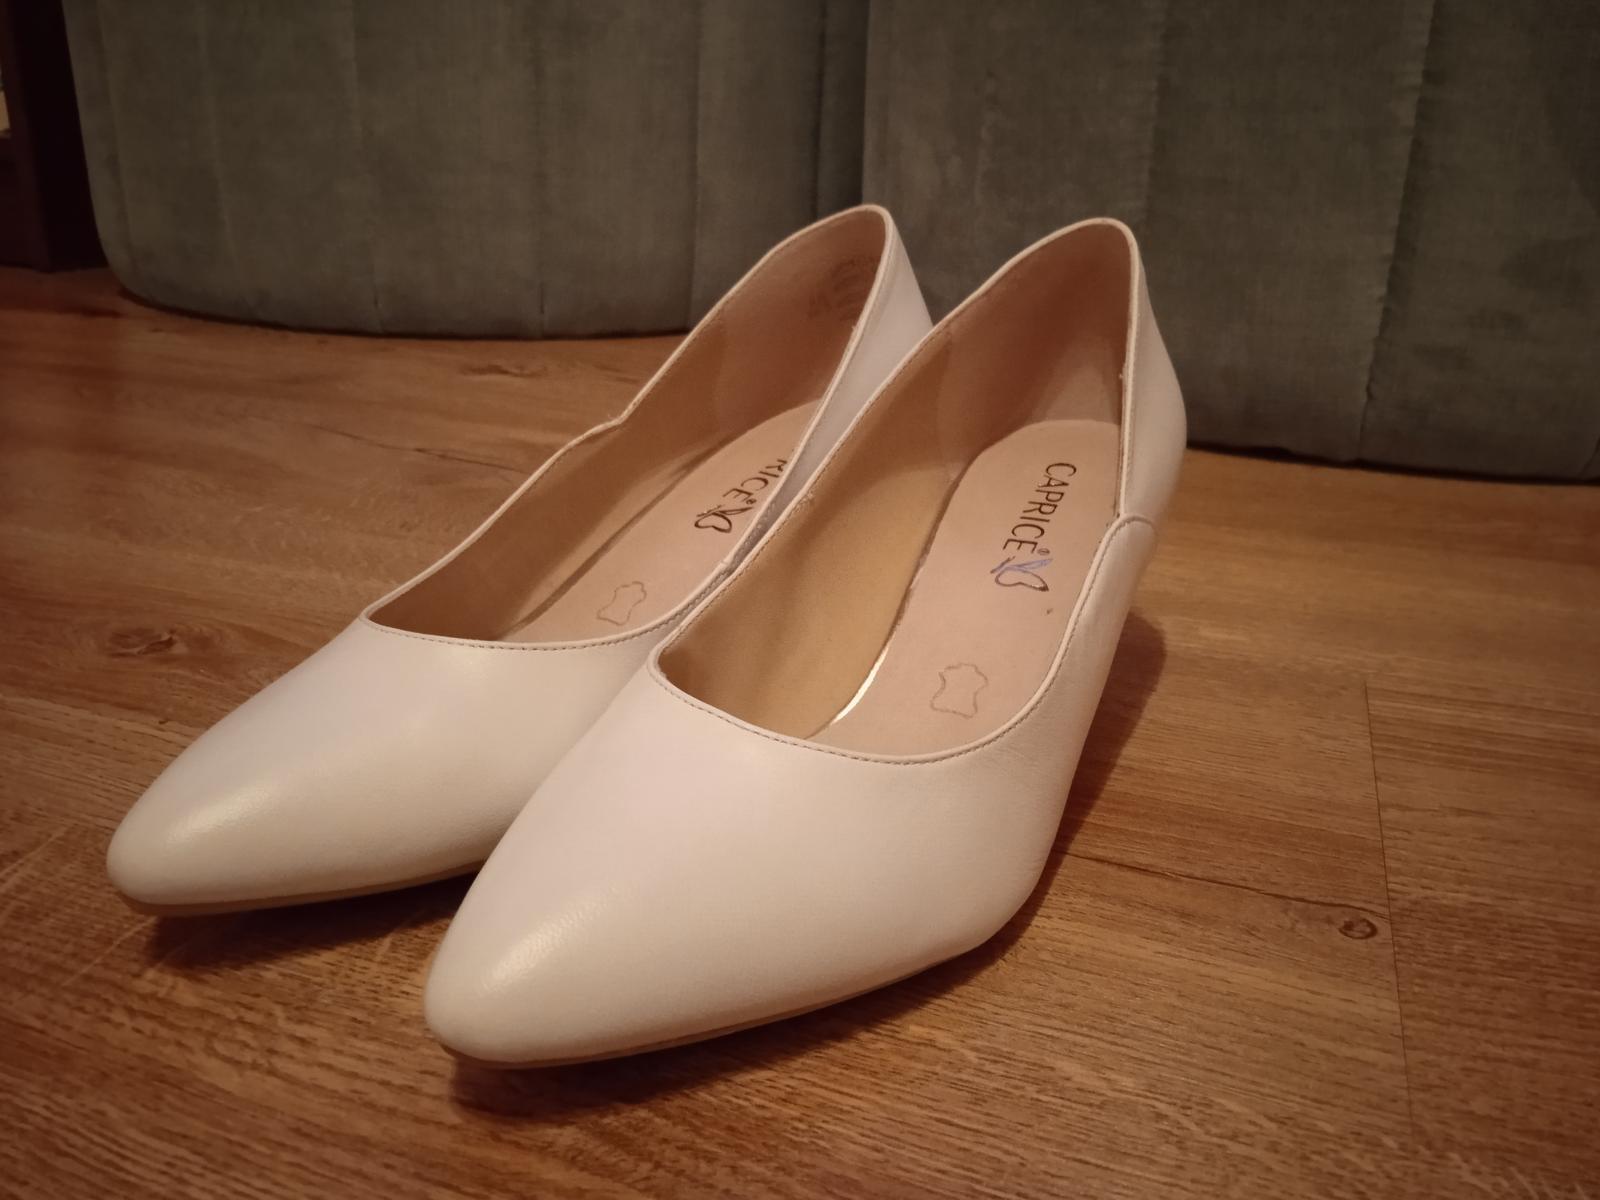 Nové bílé svatební boty Caprice s podpatkem 5,5 cm, vel.39, kvalitní - Obrázek č. 2